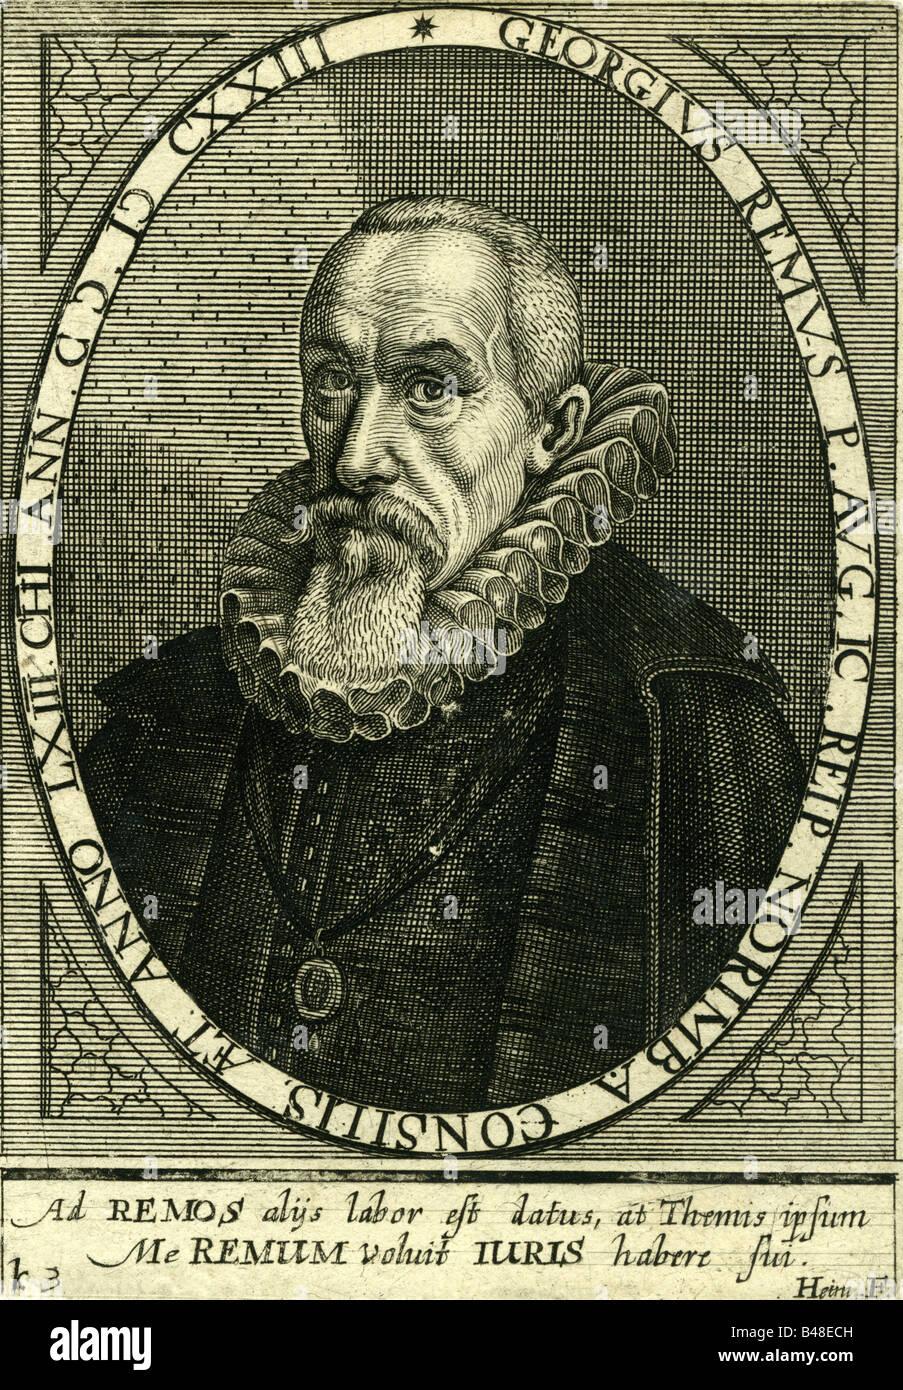 Remus, Georg, 1561 - 15.8.1625, German politician, alderman in Nuremberg, engraving, 17th century, Artist's - Stock Image